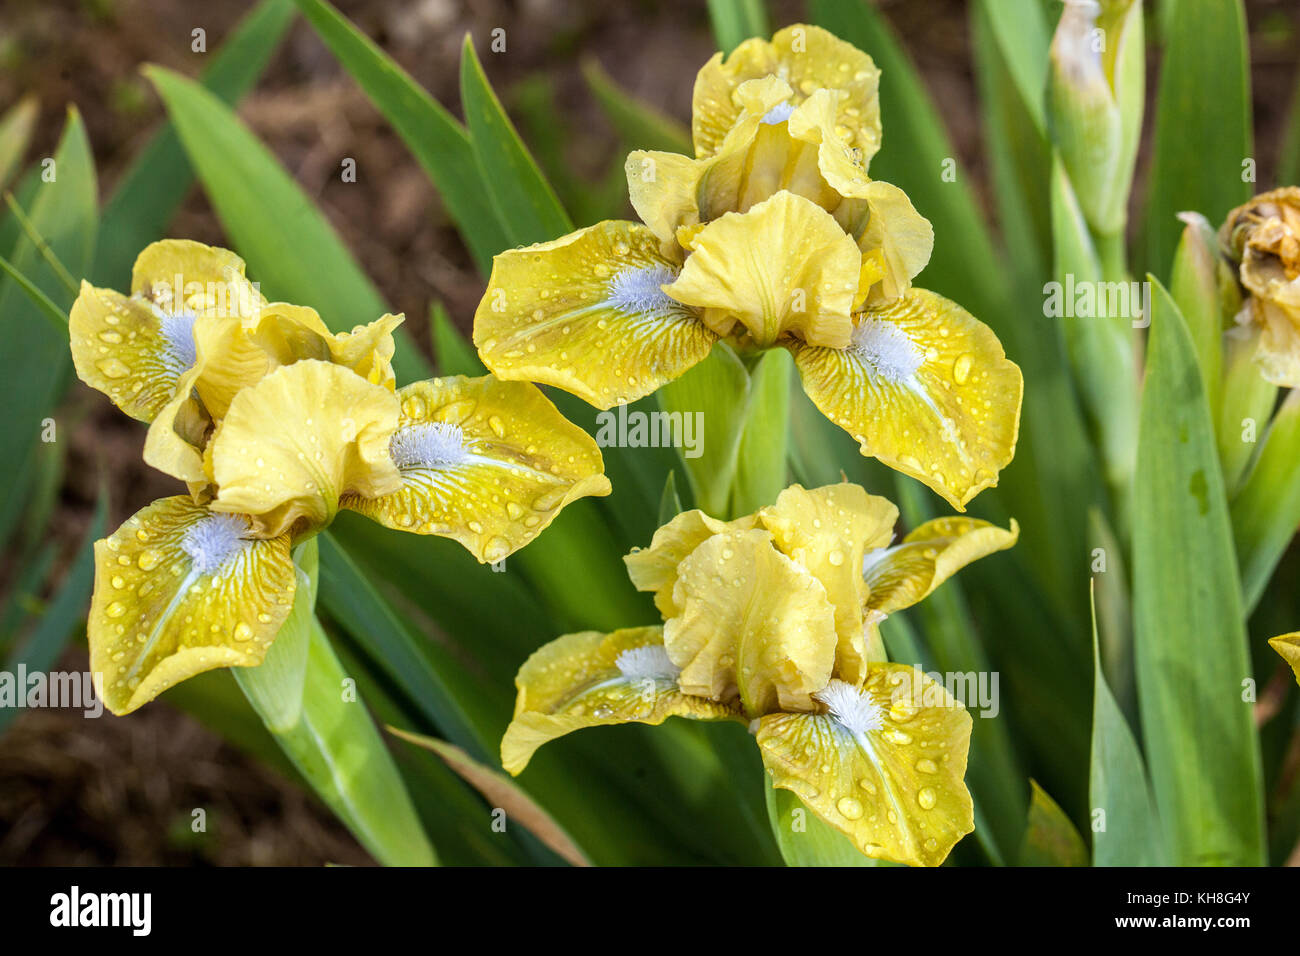 Dwarf barded iris, Iris barbata nana ' accento di oliva ', Iris fiore giallo Immagini Stock